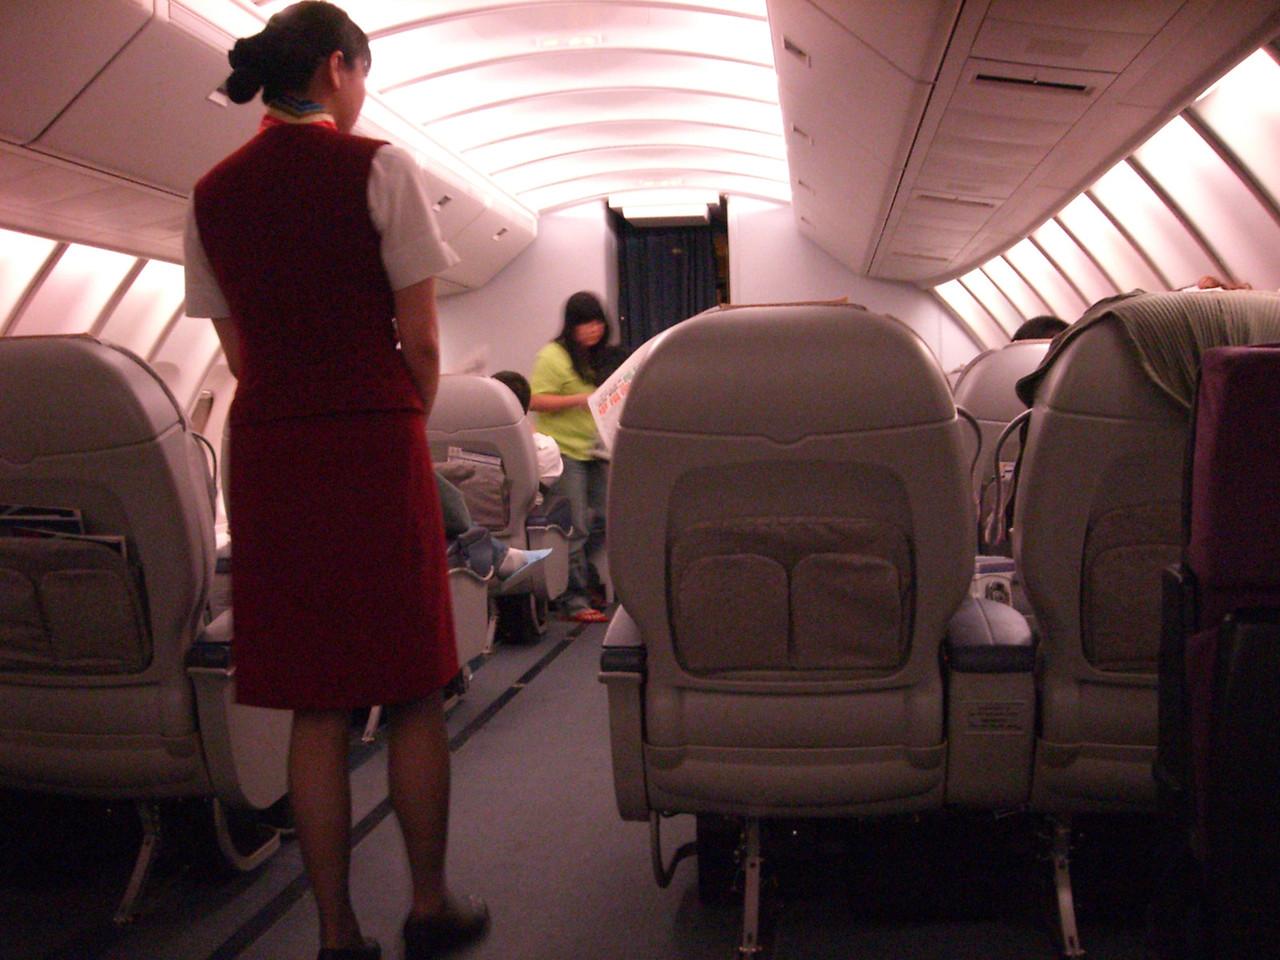 2006 07 13 Thu - Int'l Business Class legroom